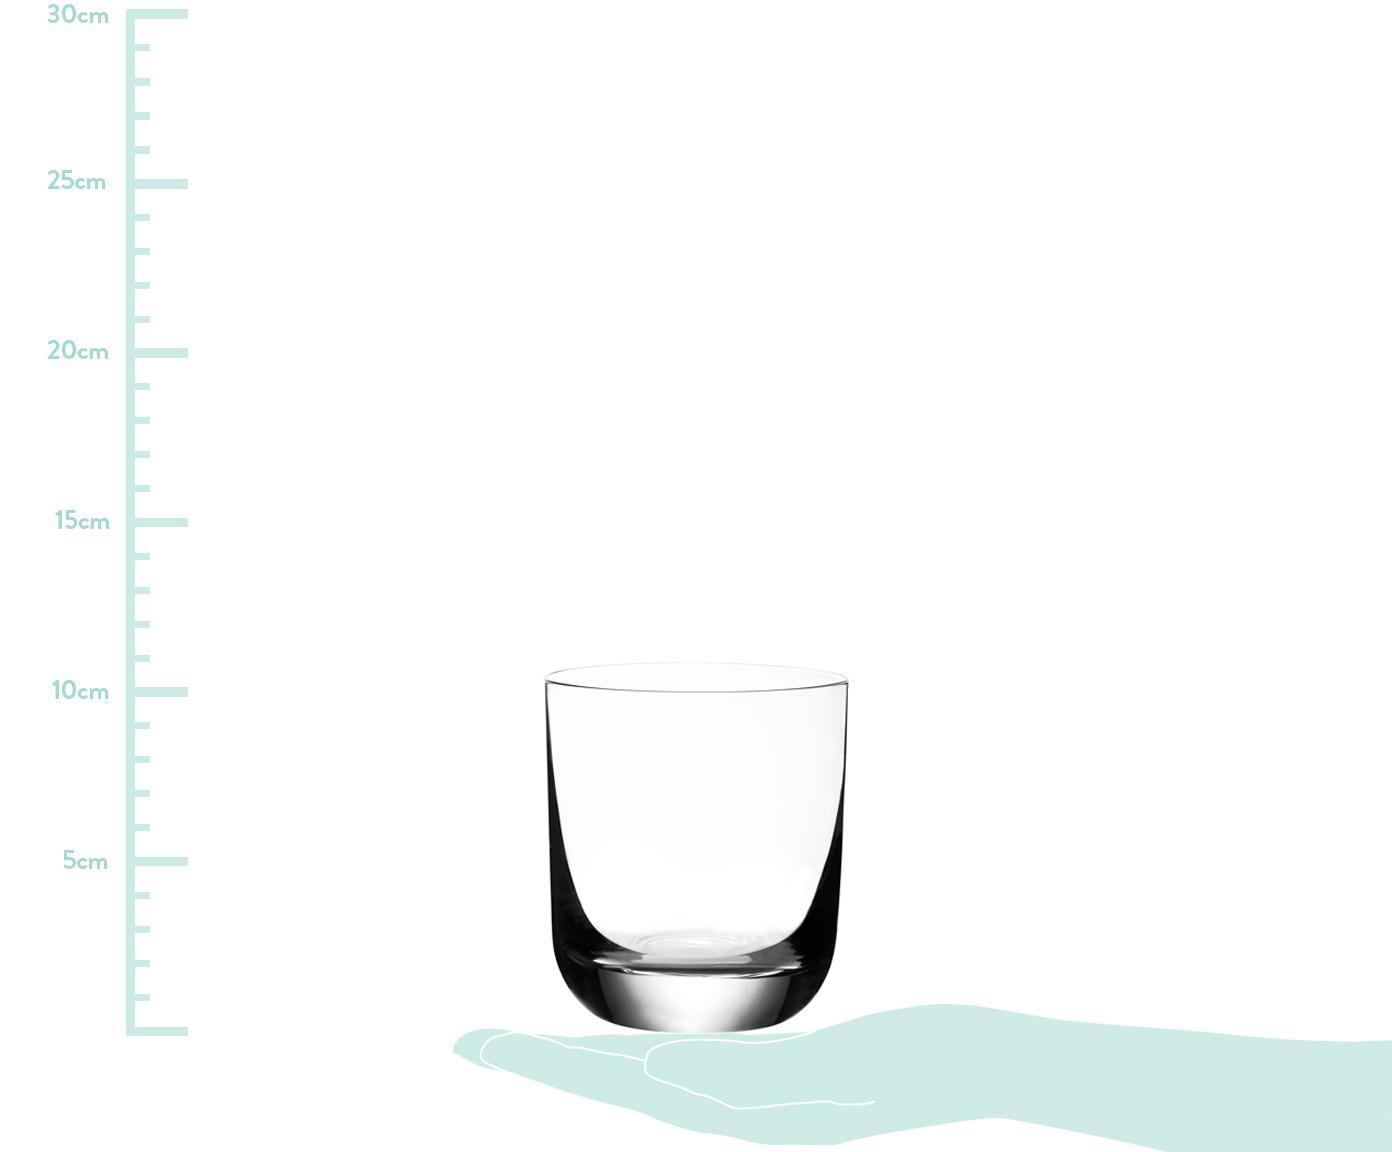 Bicchiere con bordo sottile in cristallo Harmony 6 pz, Cristallo ad alta lucentezza, particolarmente visibile al riflesso della luce, Trasparente, 300 ml